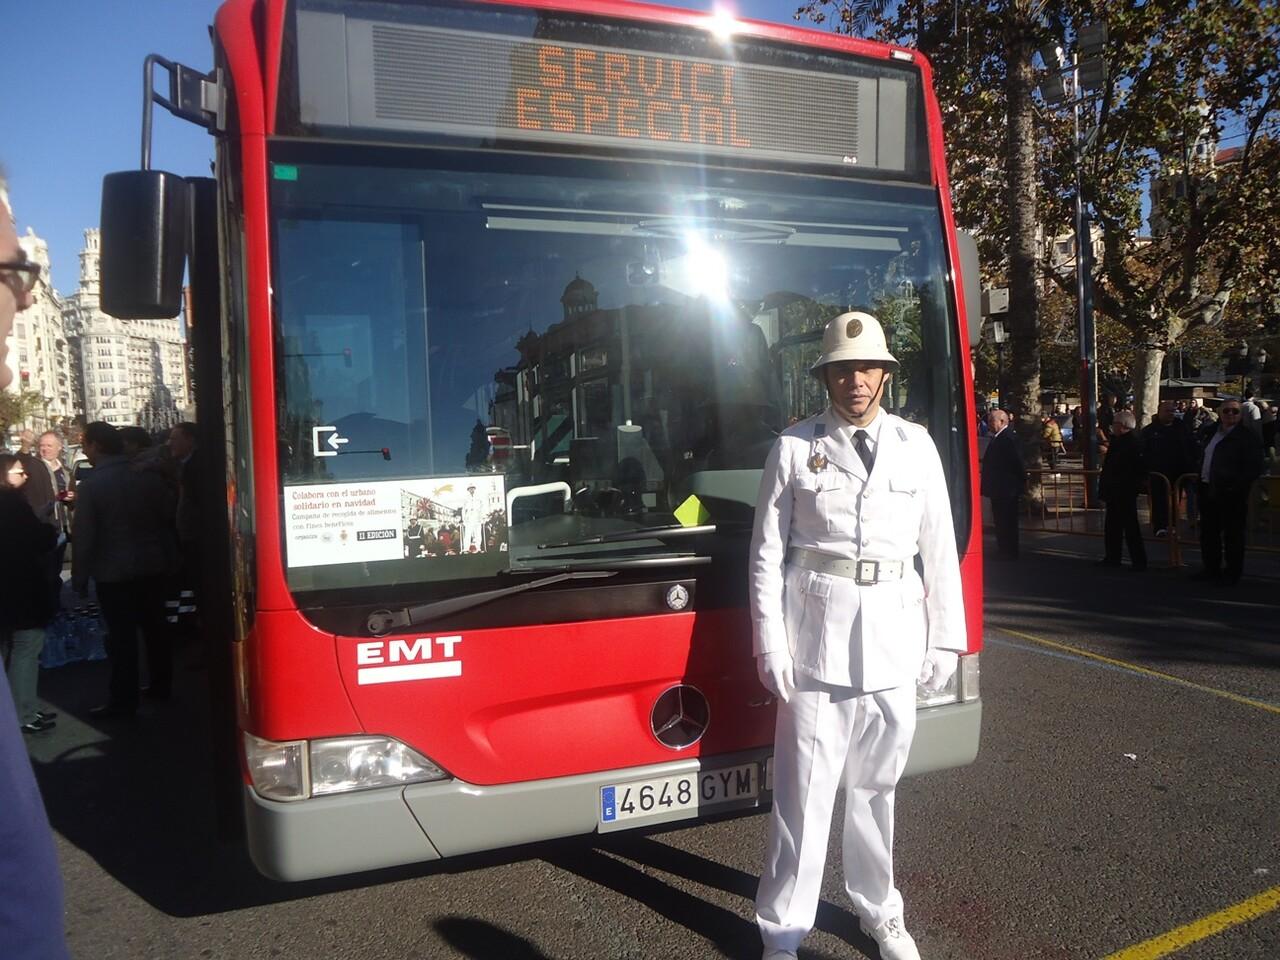 El Guardia Urbano delante del bus solidario de la EMT/EMT